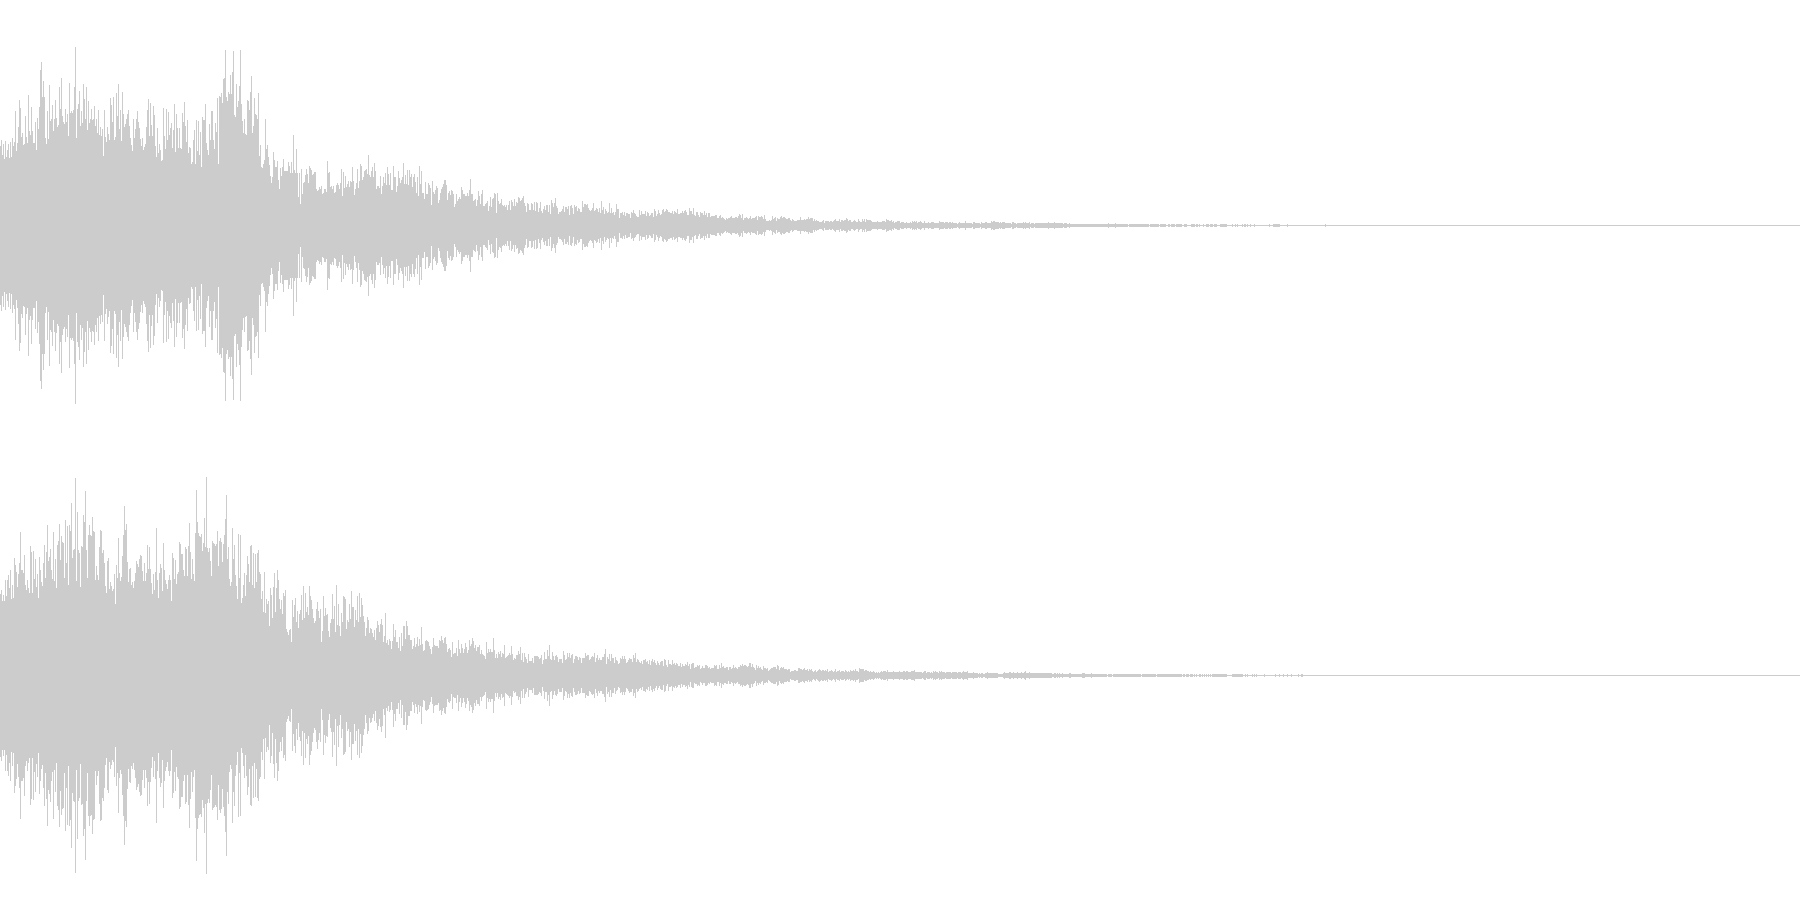 和風シャキーン(テロップ,オリンピック)の未再生の波形